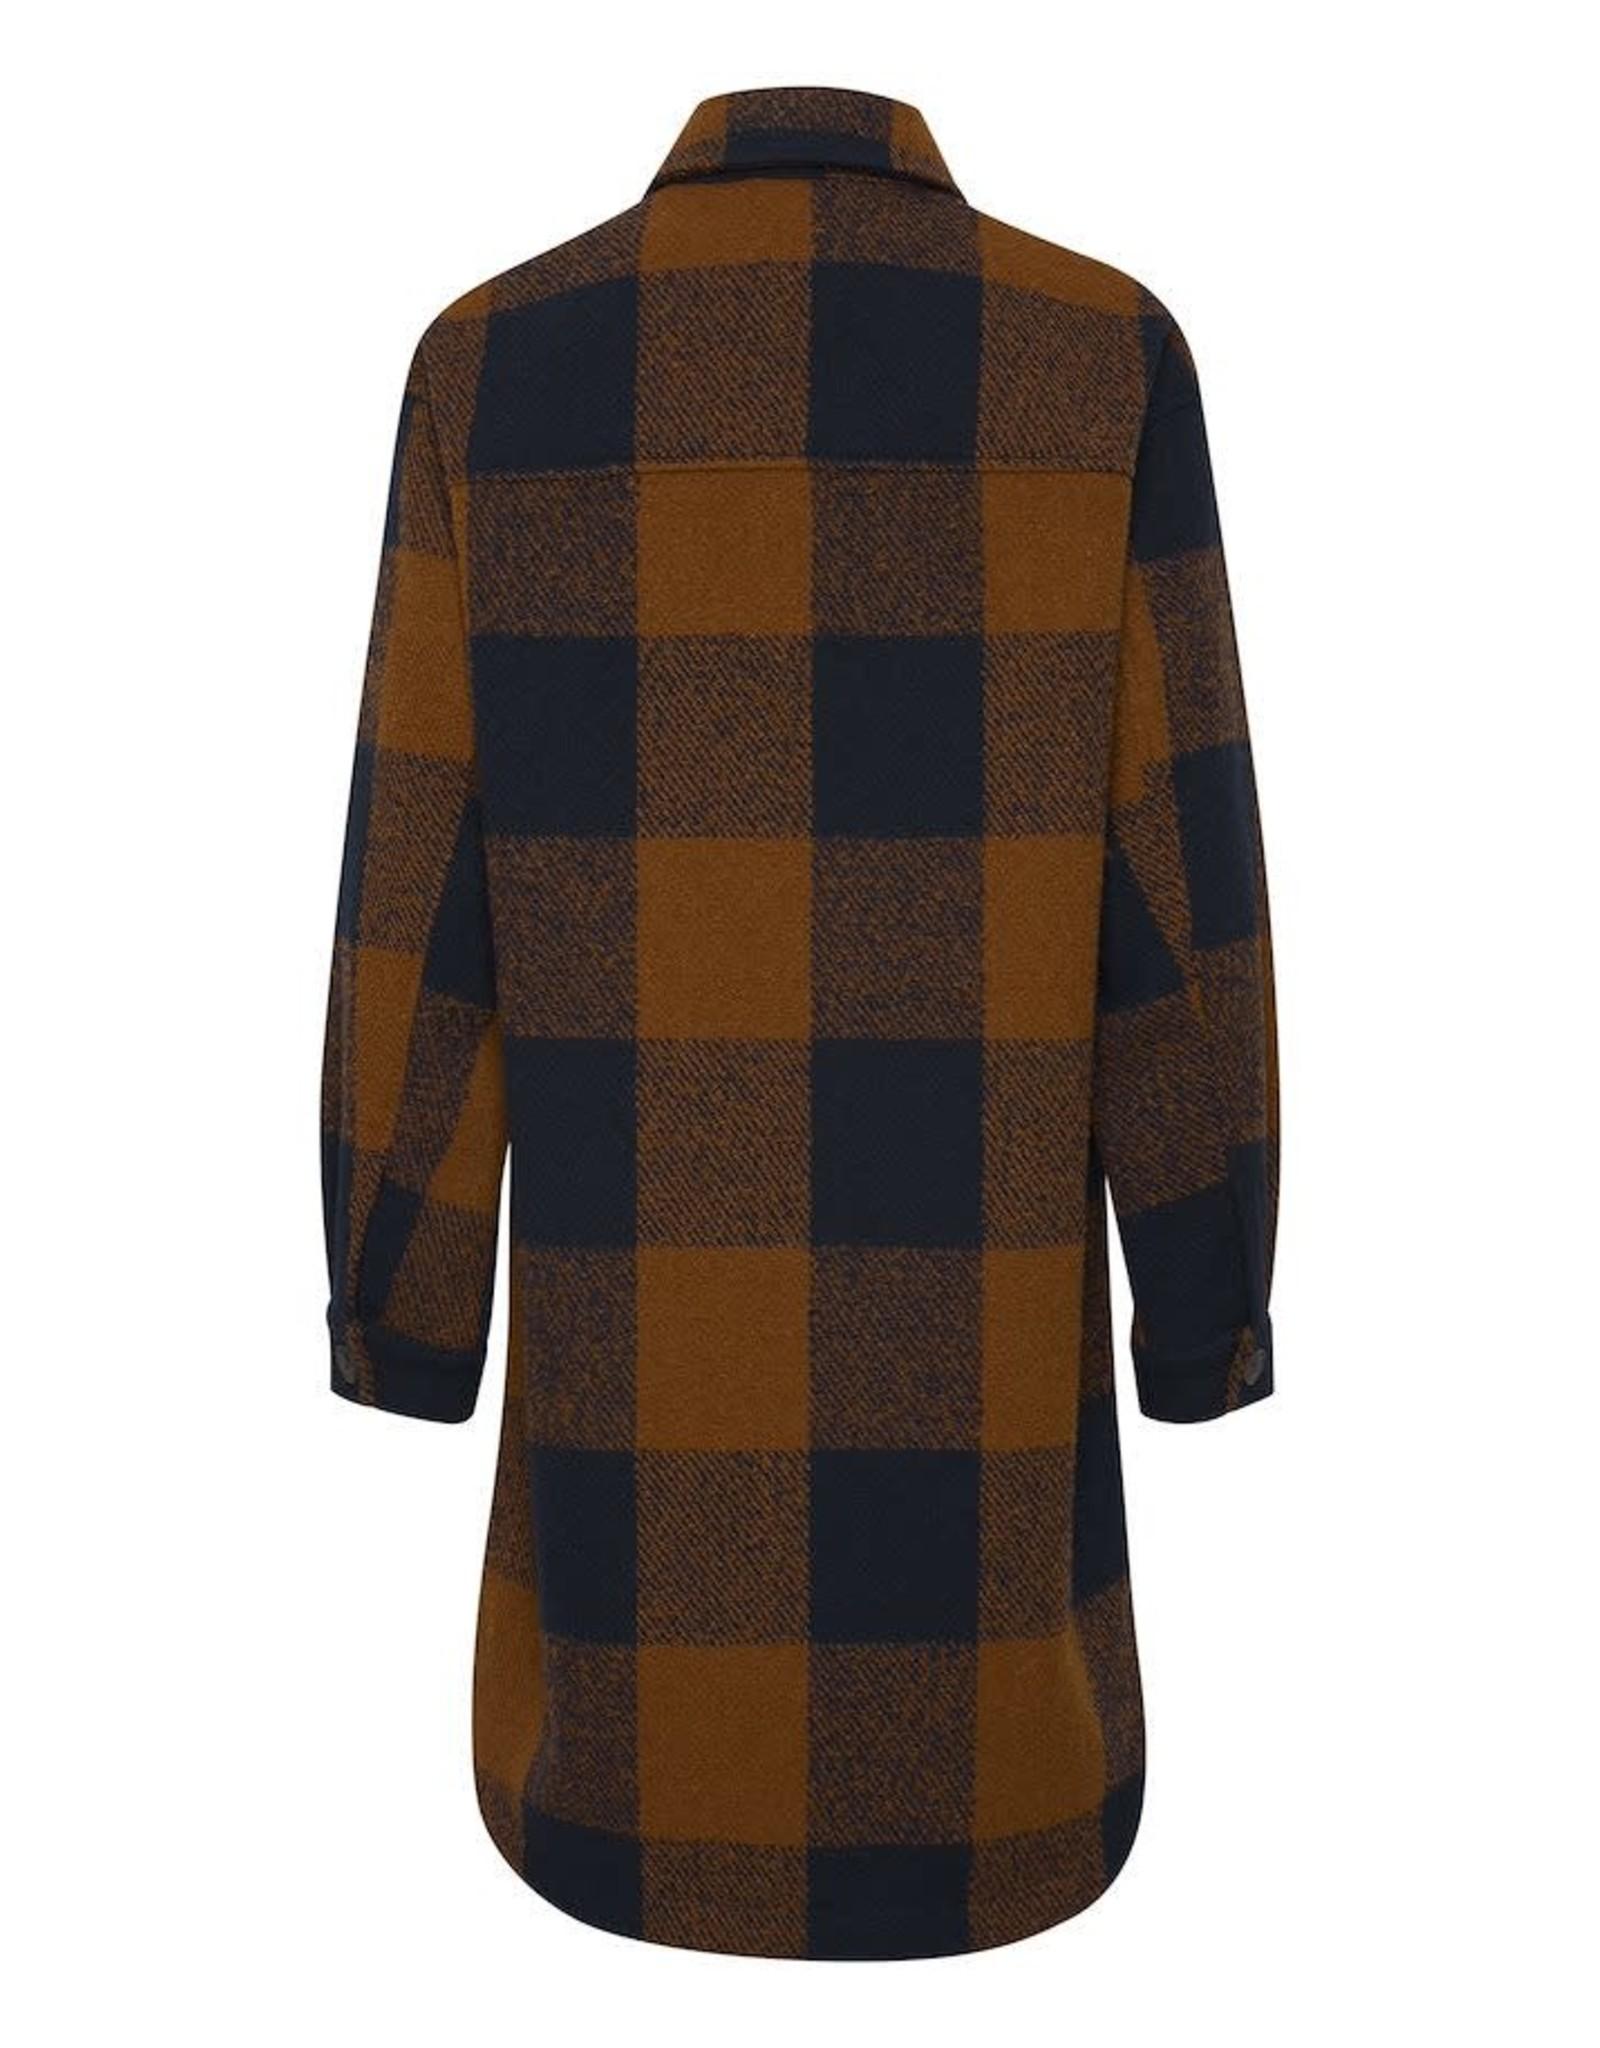 ICHI ICHI - Hasana jacket